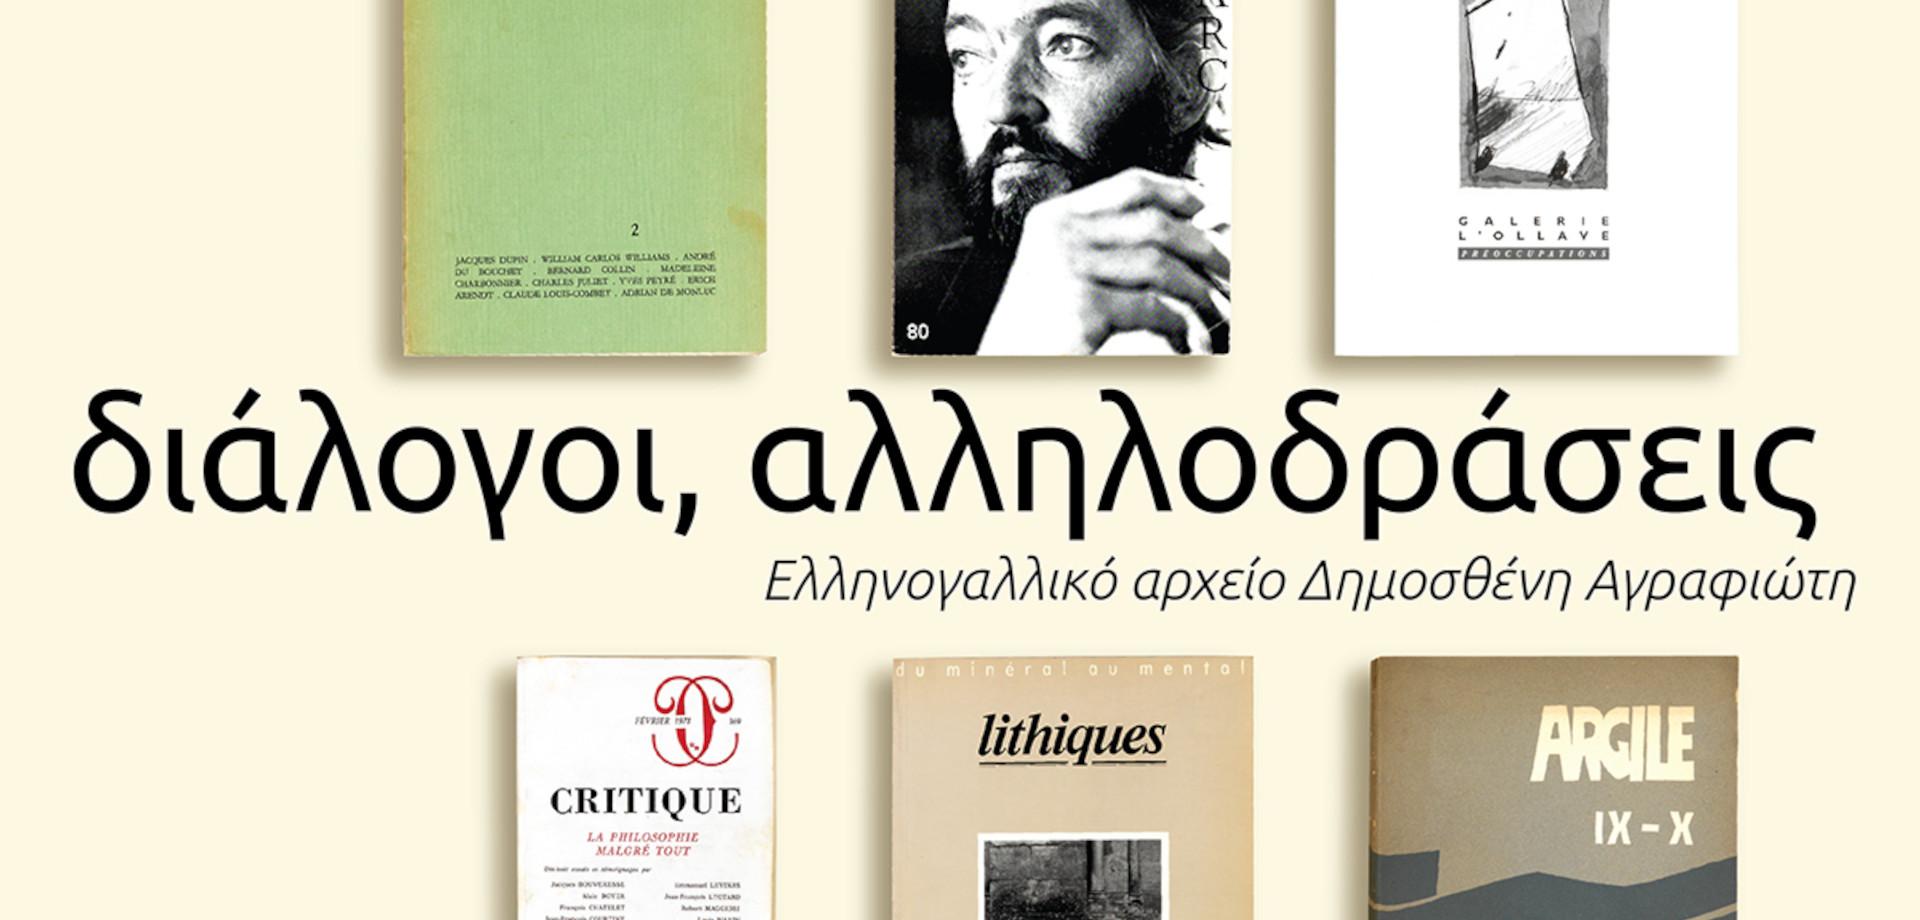 Διάλογοι, αλληλοδράσεις: Ελληνογαλλικό αρχείο Δημοσθένη Αγραφιώτη